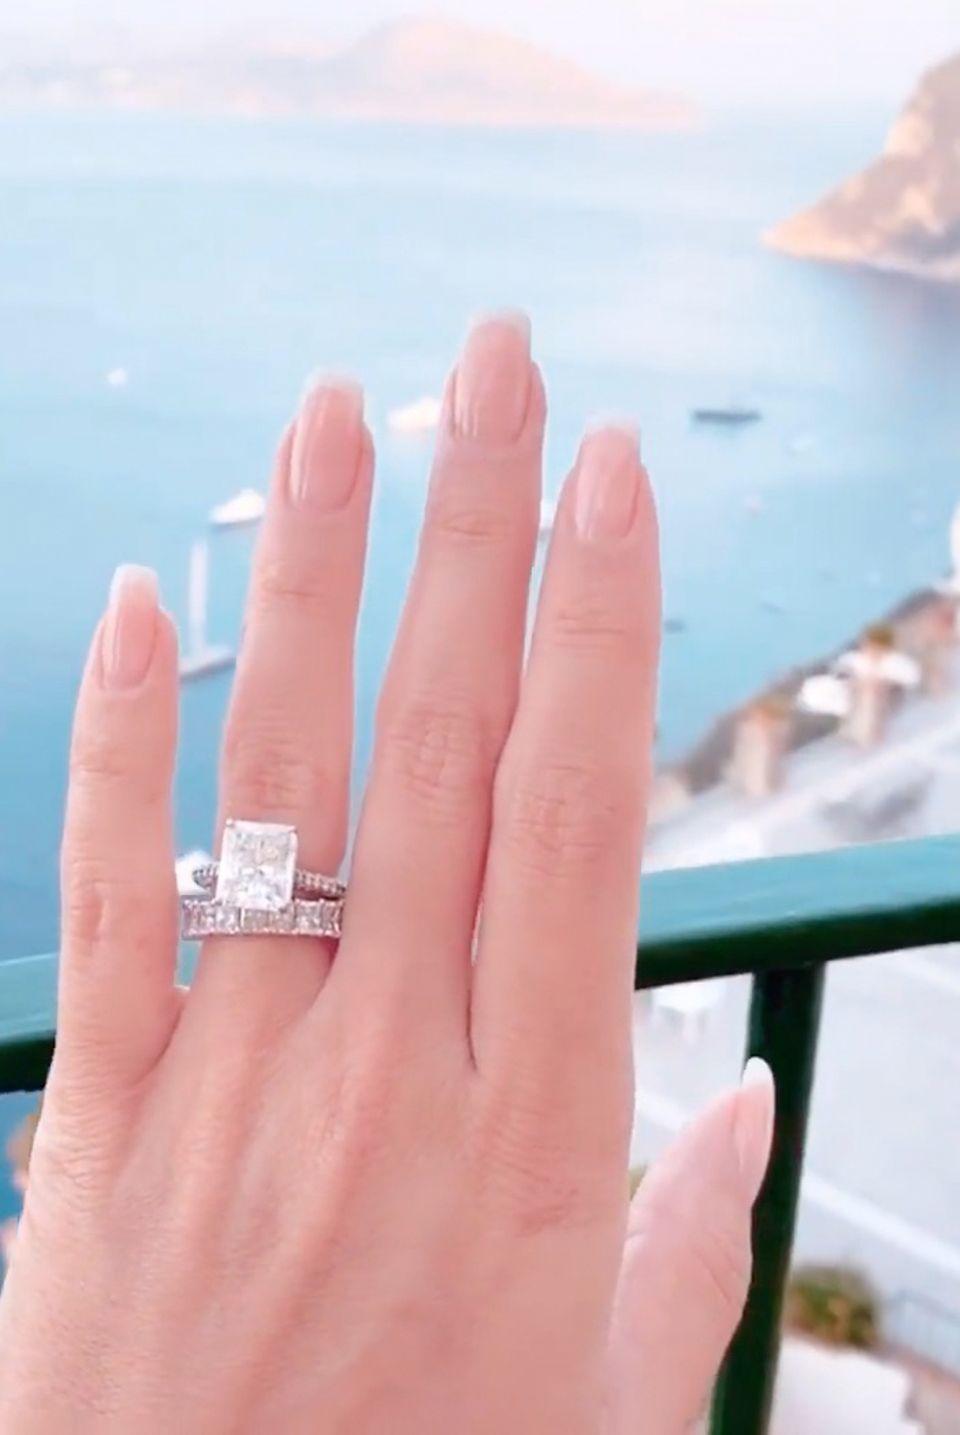 """Wow! Nach ihrer spektakulärenHochzeit in Florenz flittern Sylvie Meis und Niclas Castello nun auf der italienischen Insel Capri – und nehmen ihre Fans selbstverständlich mit. Vor traumhafter Kulisse präsentiert die frischgebackene Braut ihren mehr als 1,3 Millionen Instagram-Followern nun stolzihren Verlobungs- und Ehering. Ihren massiven Verlobungsring des US-amerikanischen Luxus-Juweliers """"Greene & Co. Diamonds"""" trägt Meis über ihrem funkelnden Ehering, der mit unzähligen Diamanten besetzt ist. Eine tolle Kombination!"""